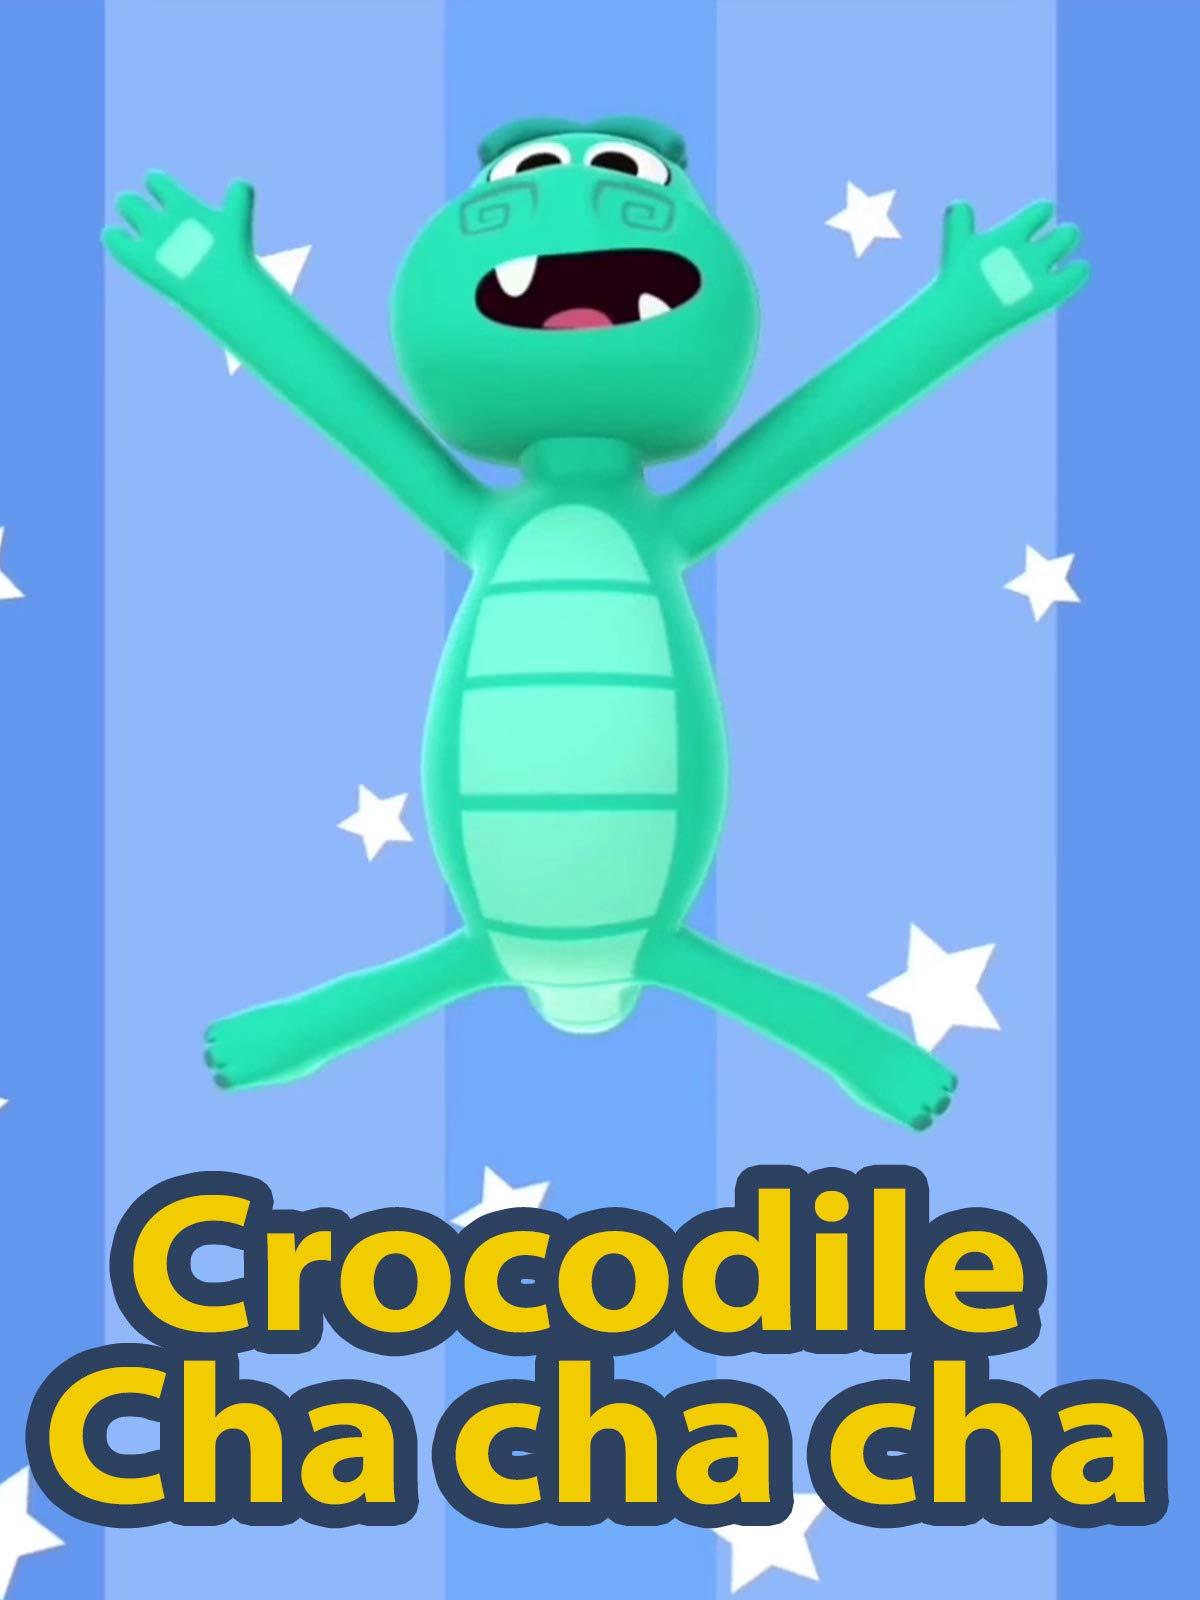 Crocodile Cha cha cha